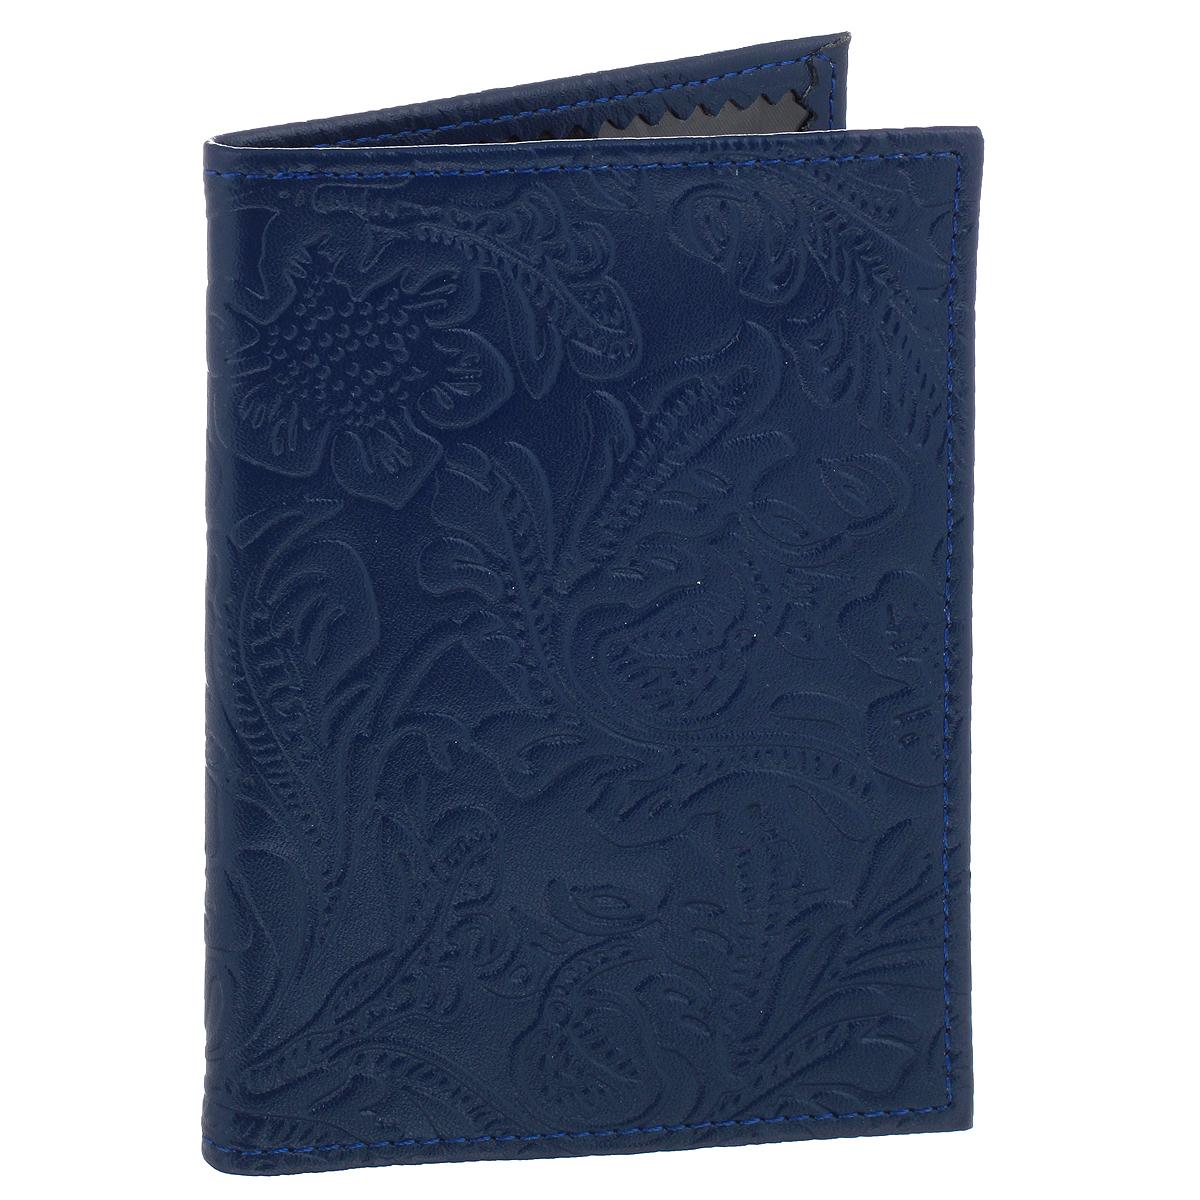 Обложка для паспорта Cheribags Узор, цвет: синий. OP-17OP-17Элегантная обложка для паспорта Cheribags изготовлена из натуральной высококачественной кожи и оформлена тисненым растительным узором. Внутри - два прозрачных боковых кармана из пластика, которые прочно зафиксируют ваш паспорт. Модная обложка для паспорта не только поможет сохранить внешний вид вашего документа и защитить его от повреждений, но и станет стильным аксессуаром, который прекрасно дополнит ваш образ.